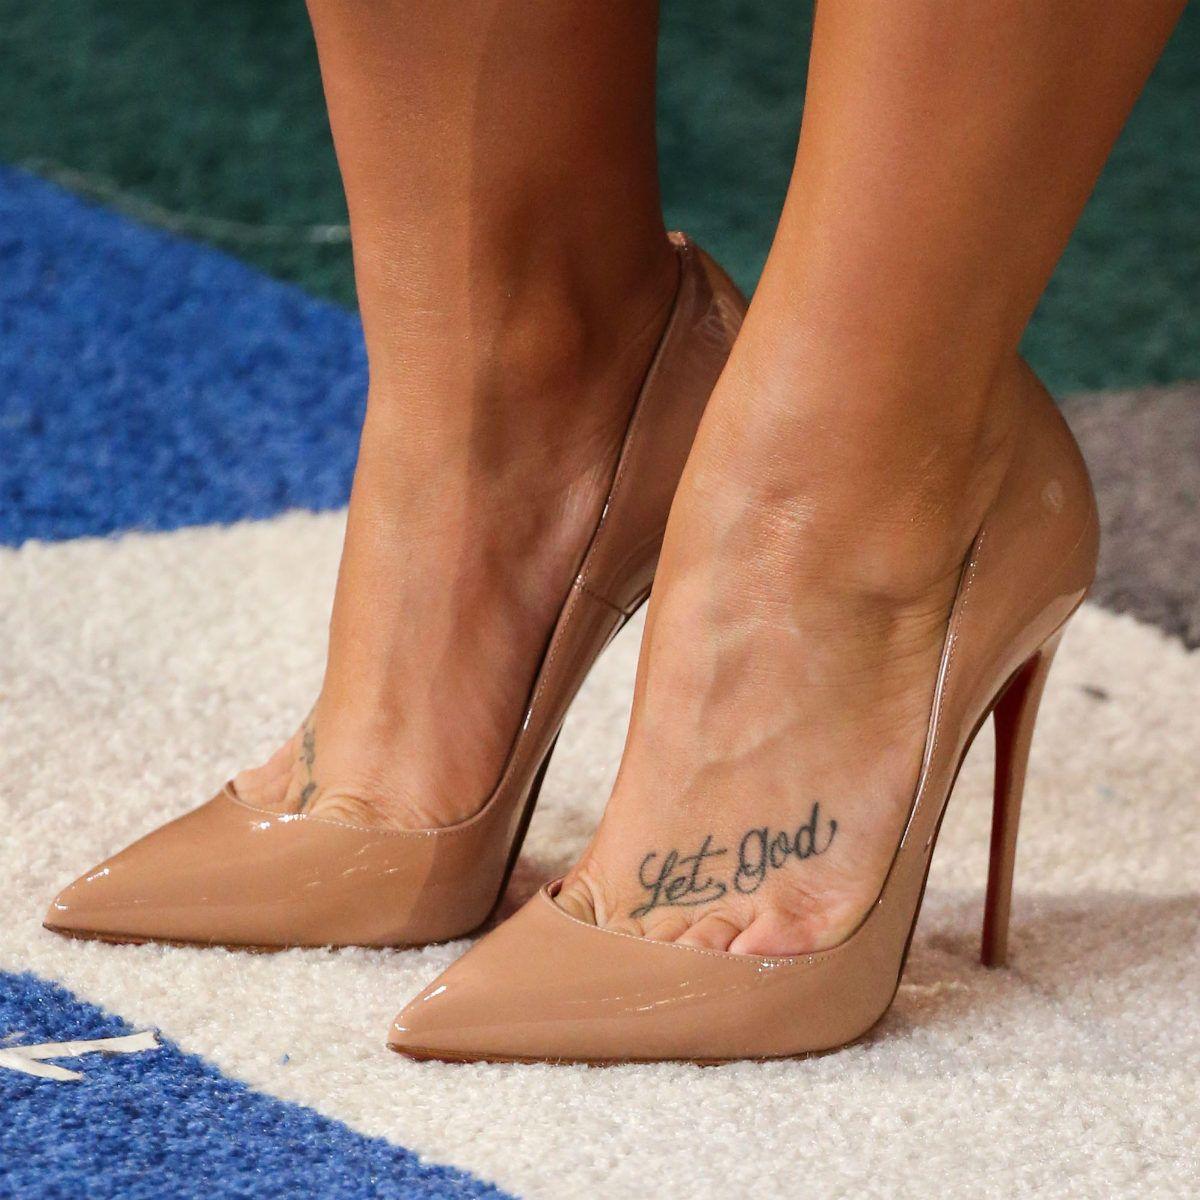 Demi Lovato high heels | Celebrities in high heels ...